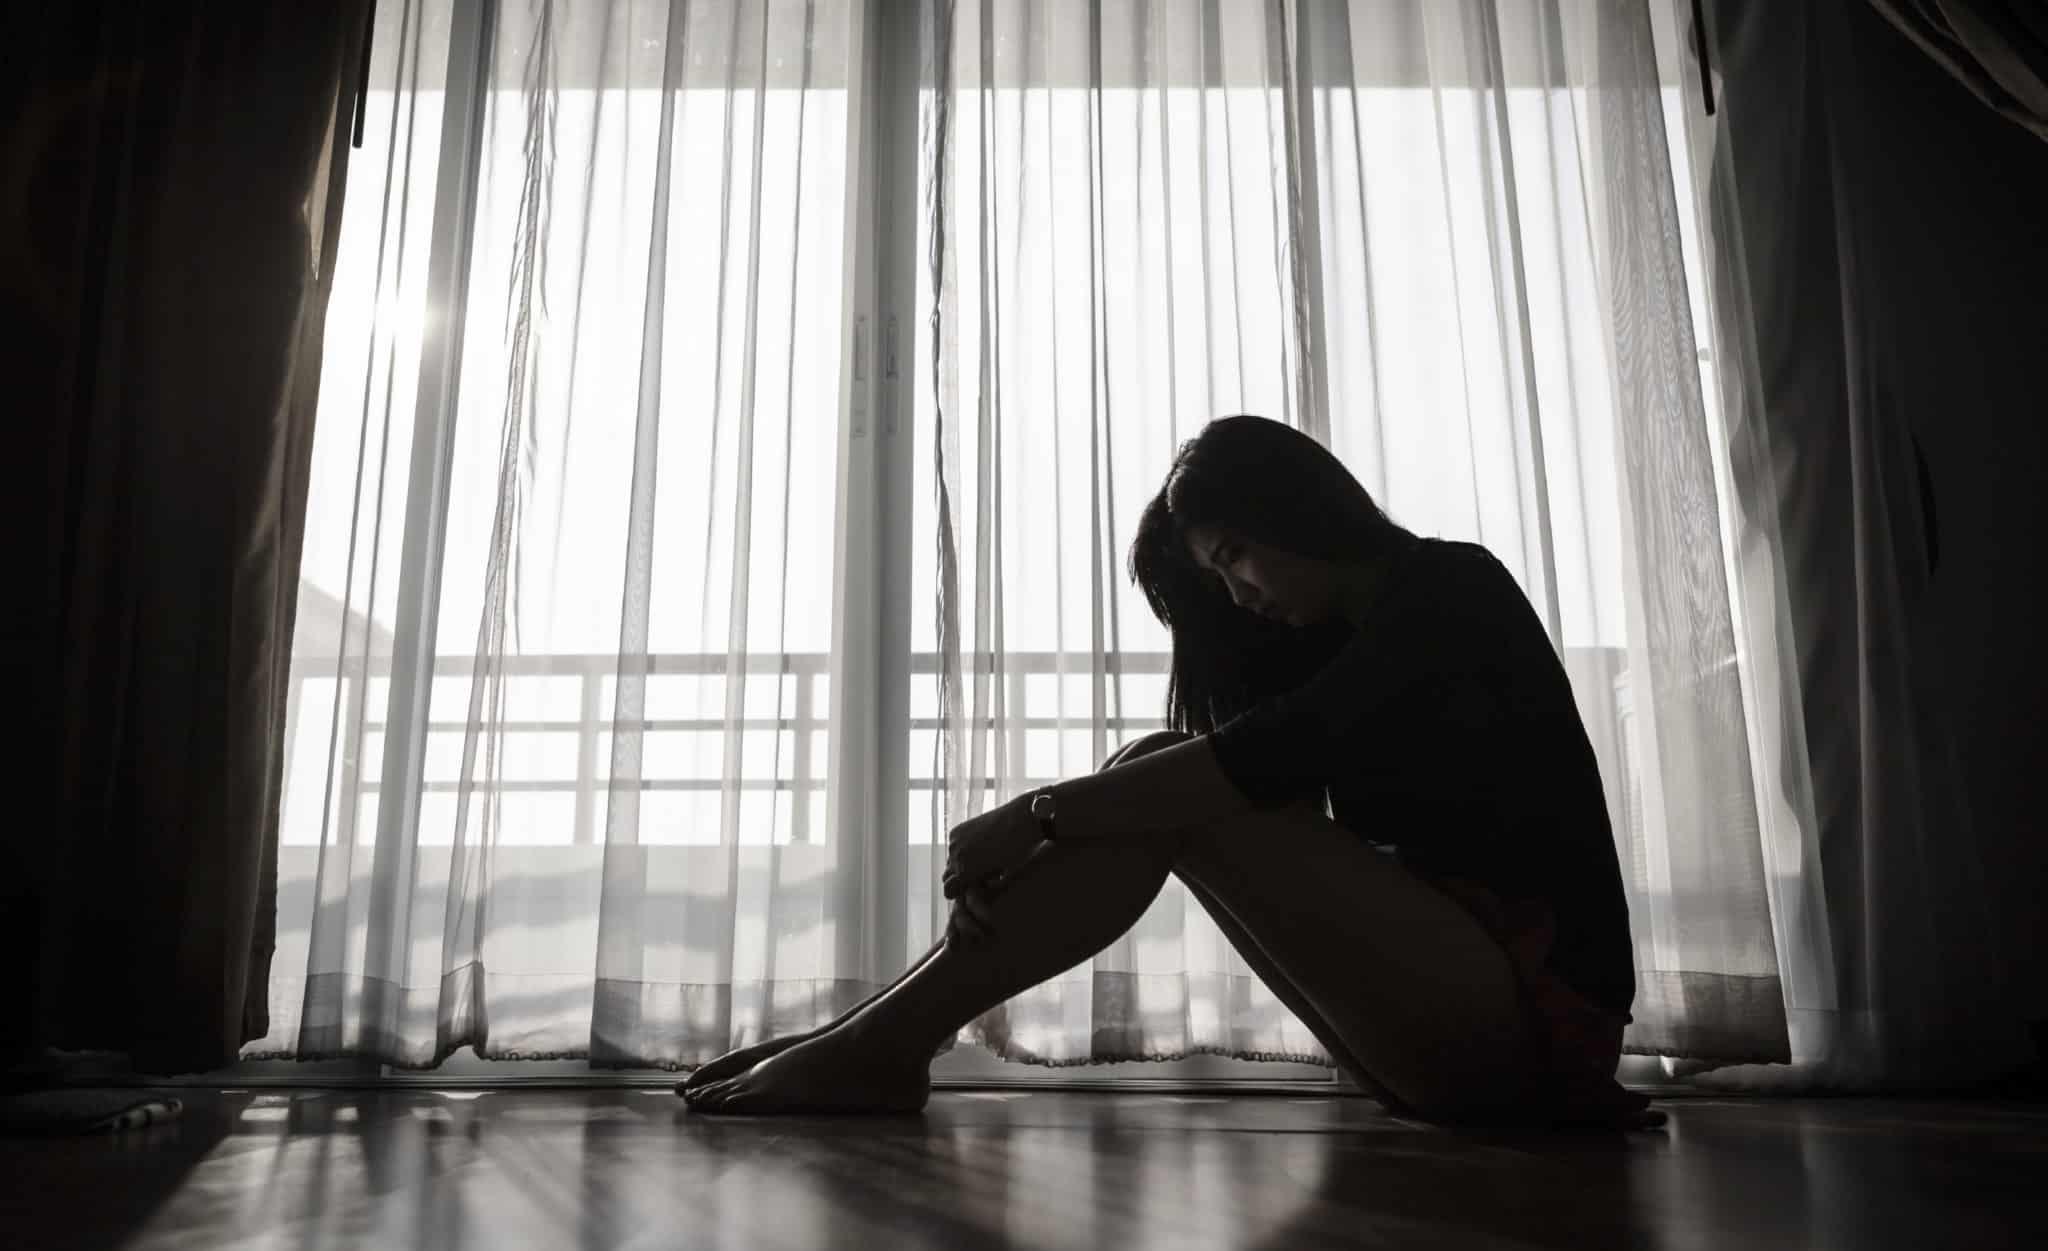 mulher com depressão sentada sozinha triste